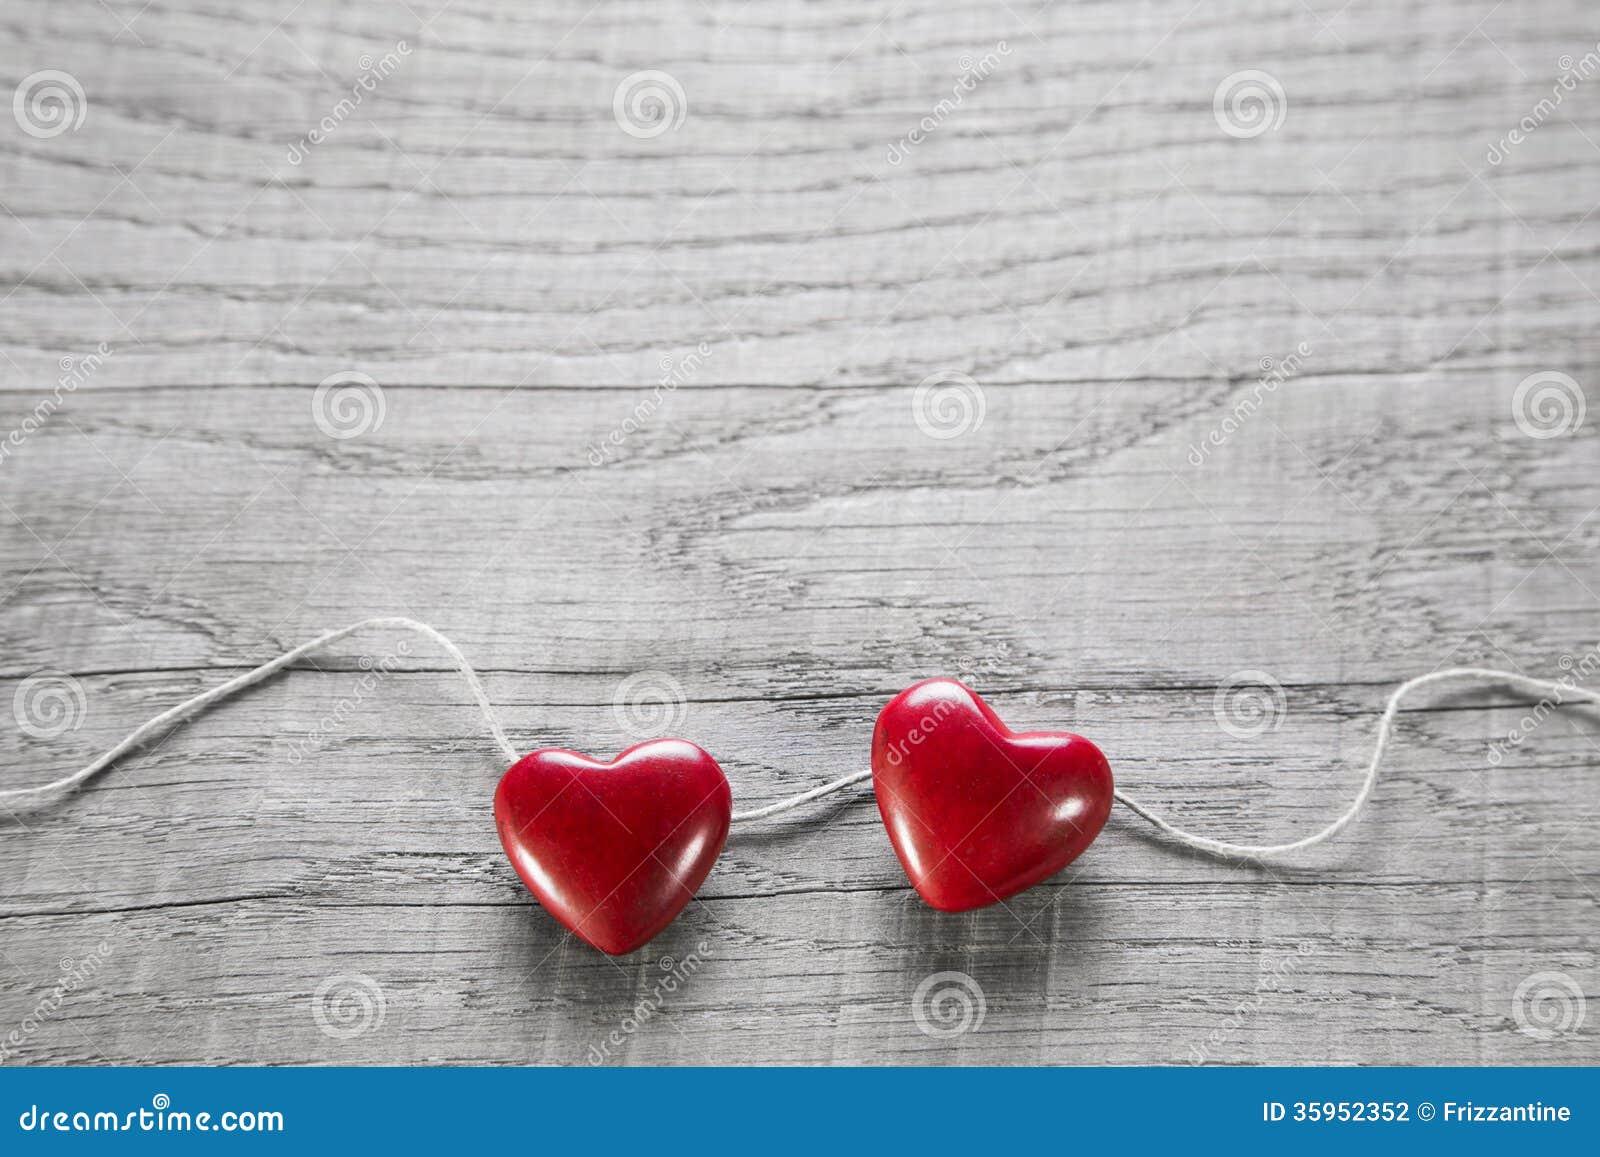 zwei rote herzen auf einem h lzernen sch bigen hintergrund f r valentinsgru stockfoto bild. Black Bedroom Furniture Sets. Home Design Ideas